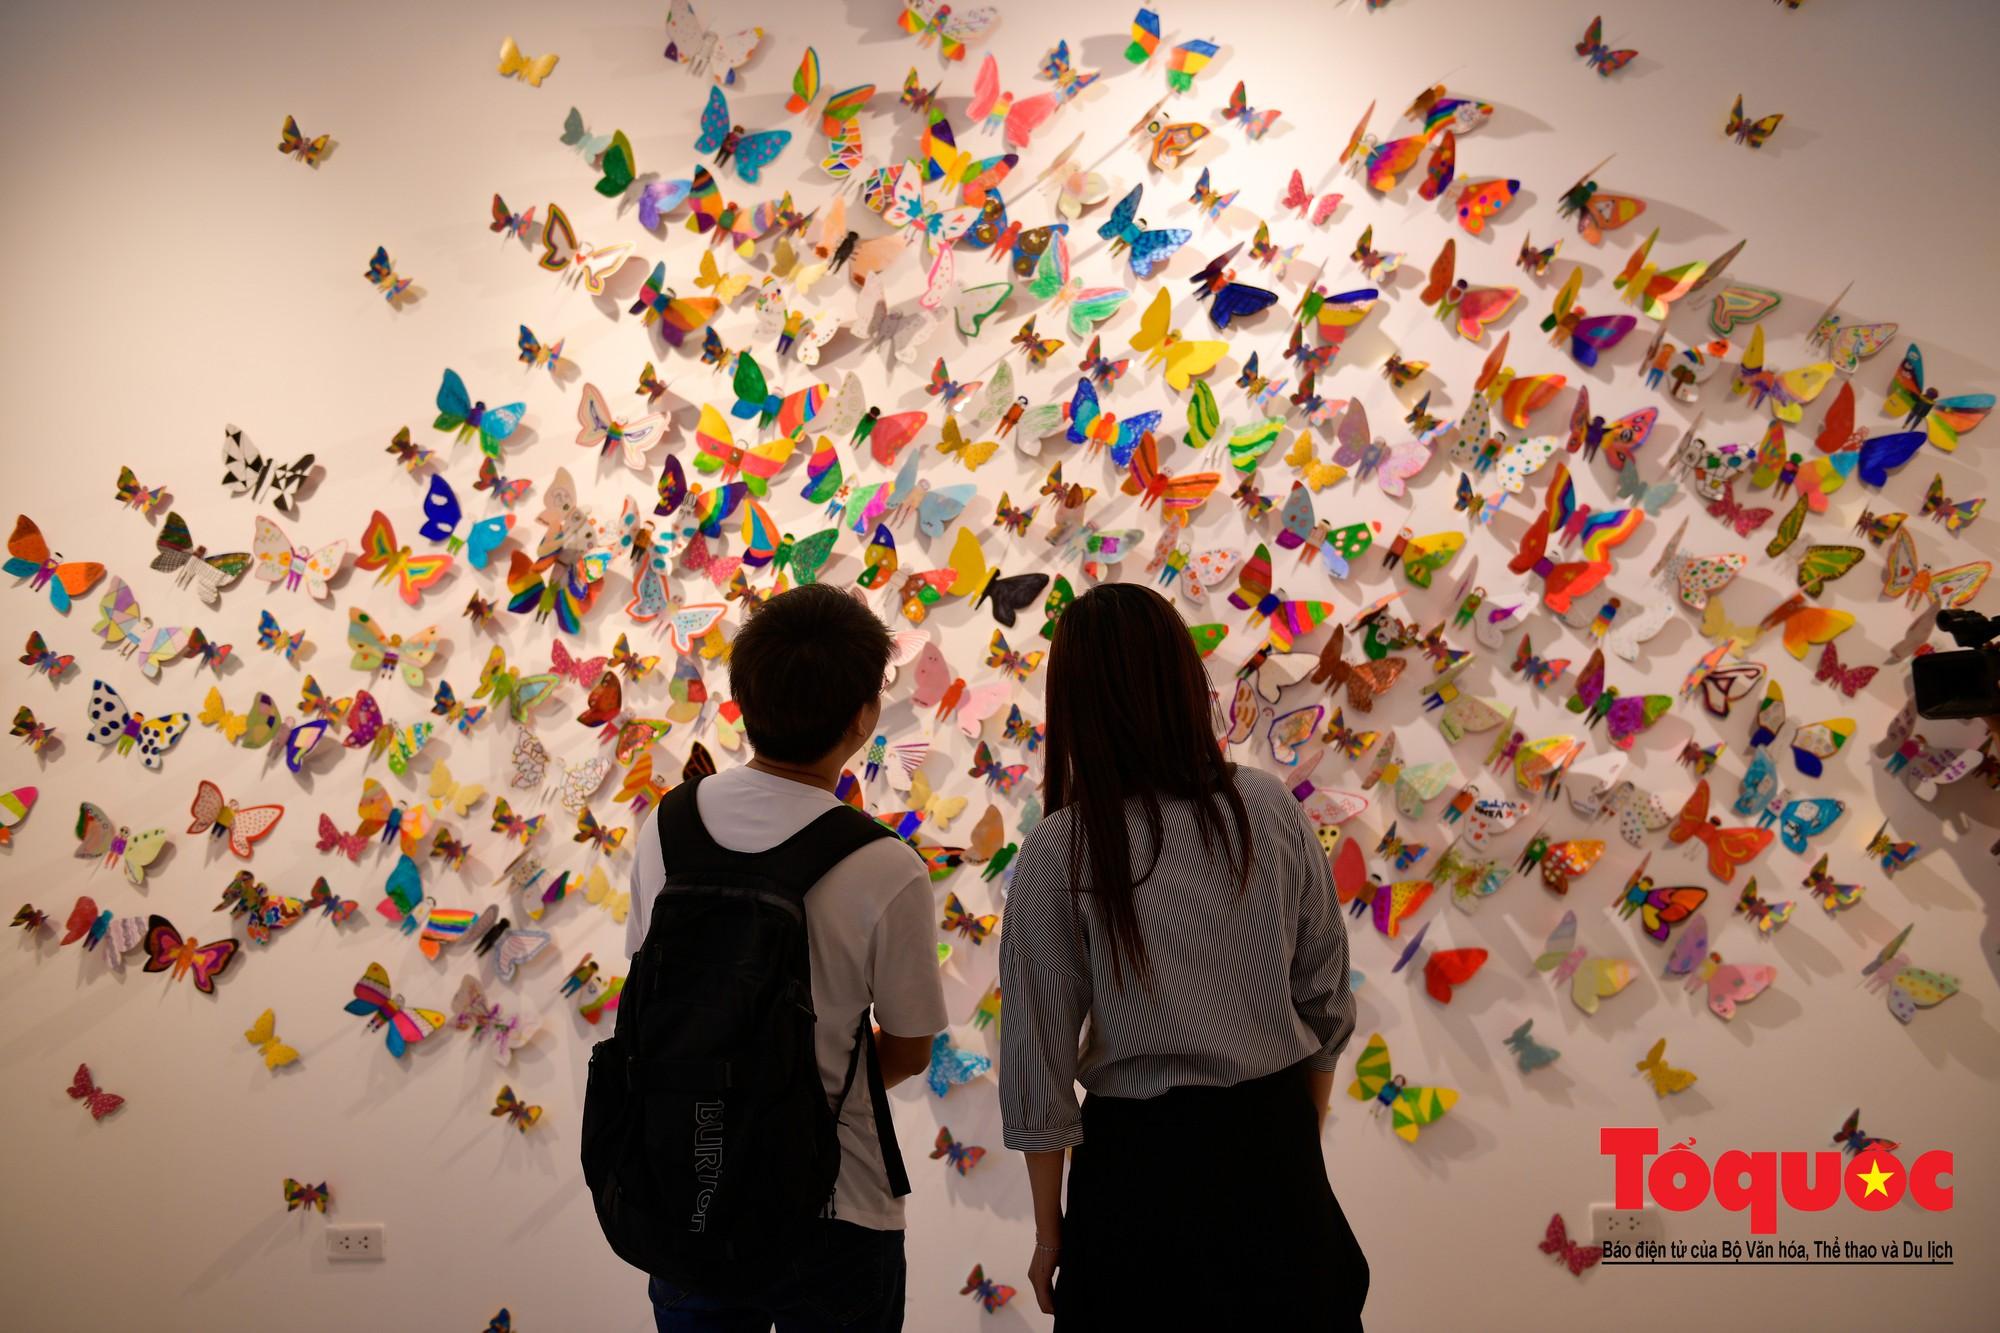 Hàng ngàn cánh bướm mang thông điệp hoà bình giữa lòng Hà Nội22